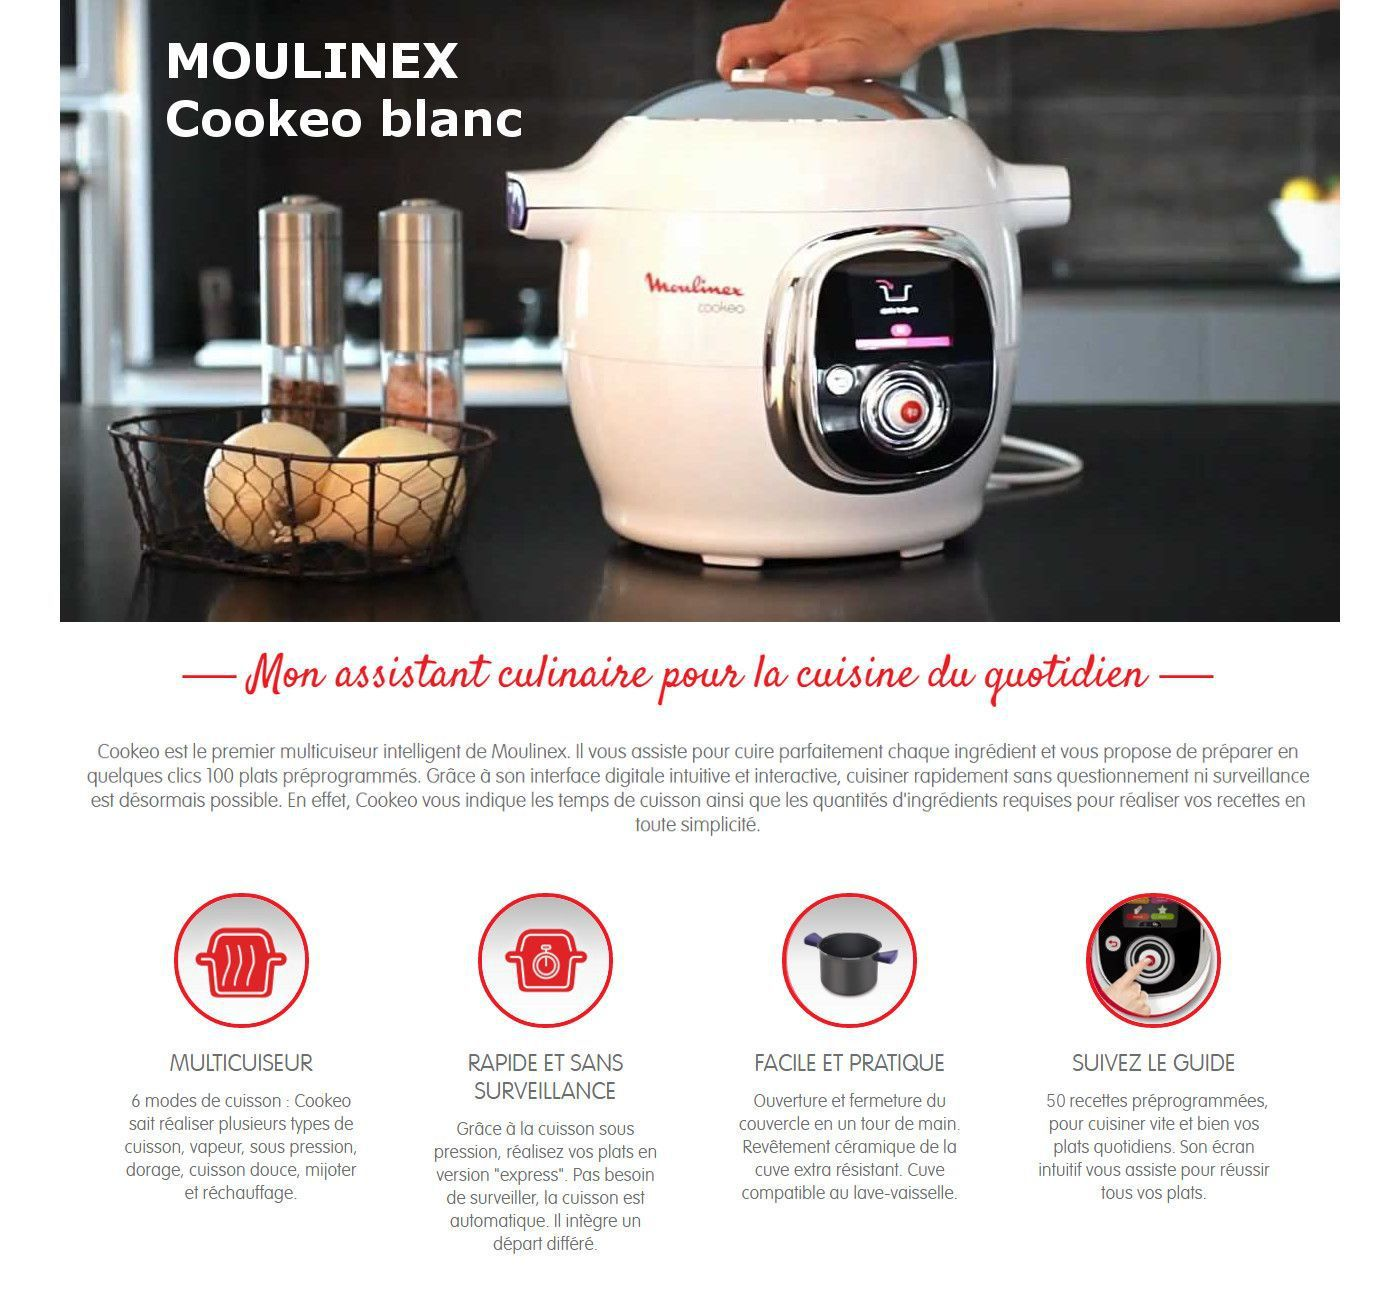 moulinex multicuiseur intelligent cookeo avec 50 recettes ce7010 achat vente. Black Bedroom Furniture Sets. Home Design Ideas